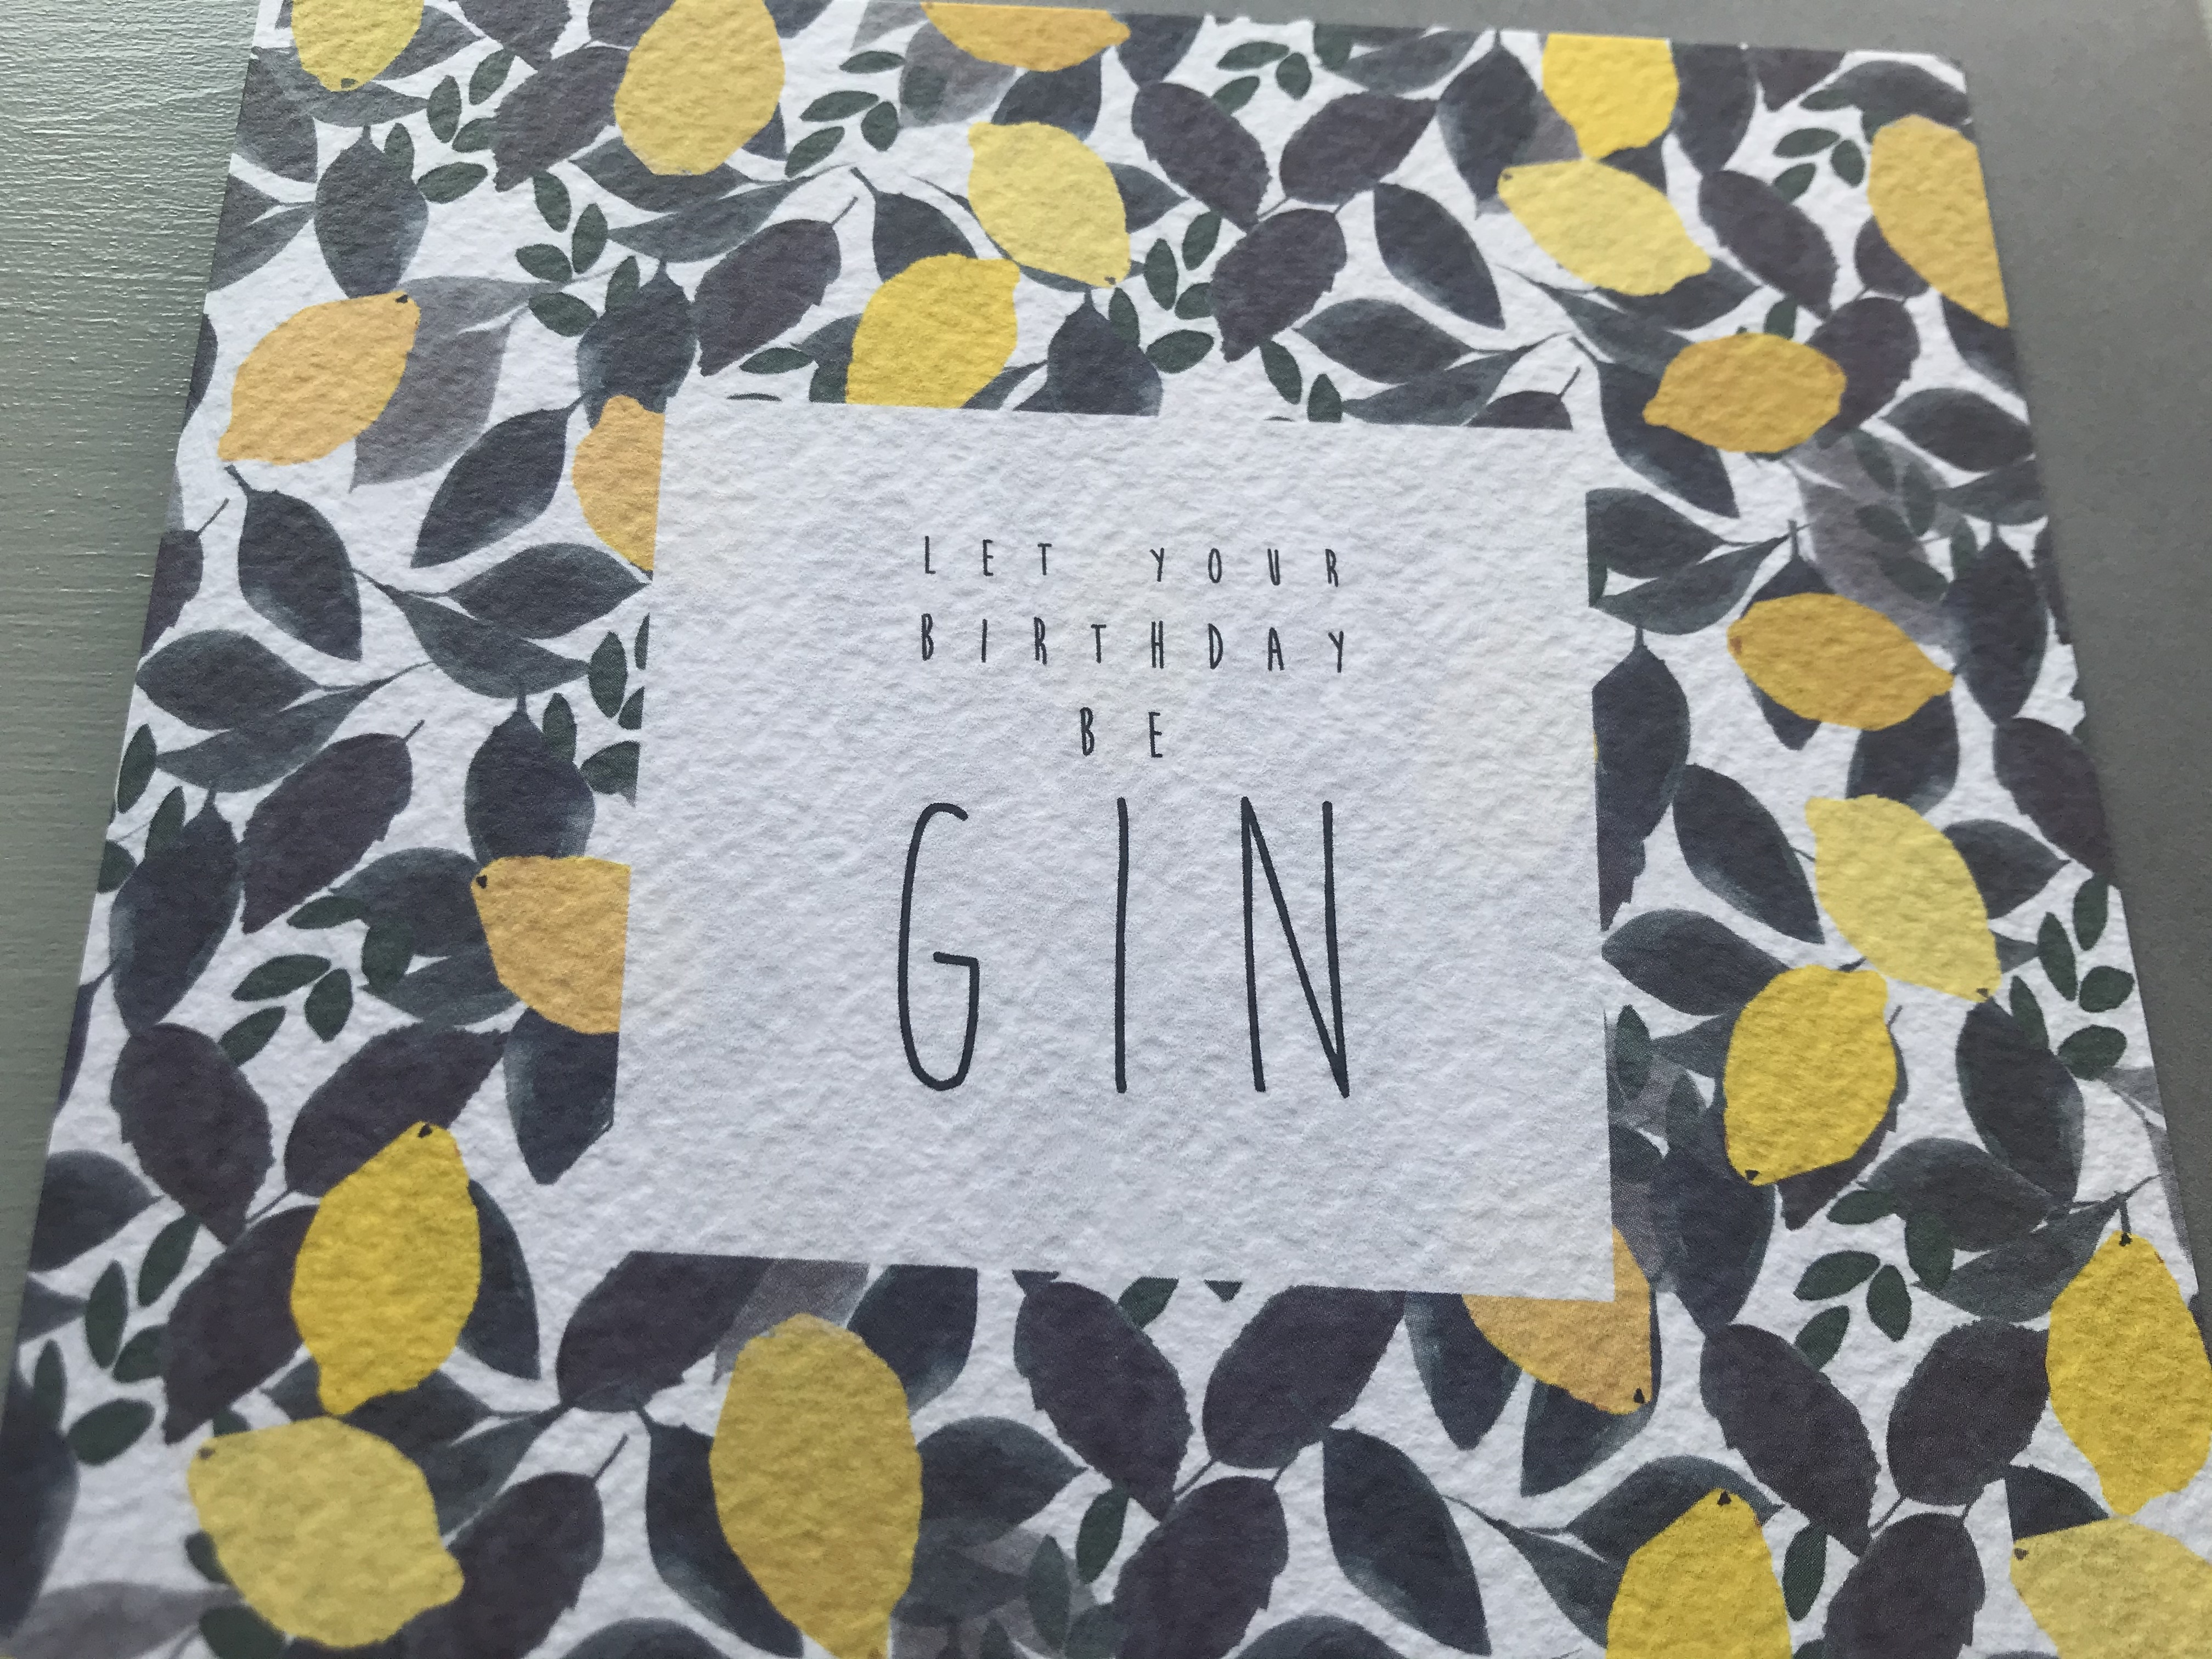 'Gin' Birthday Card